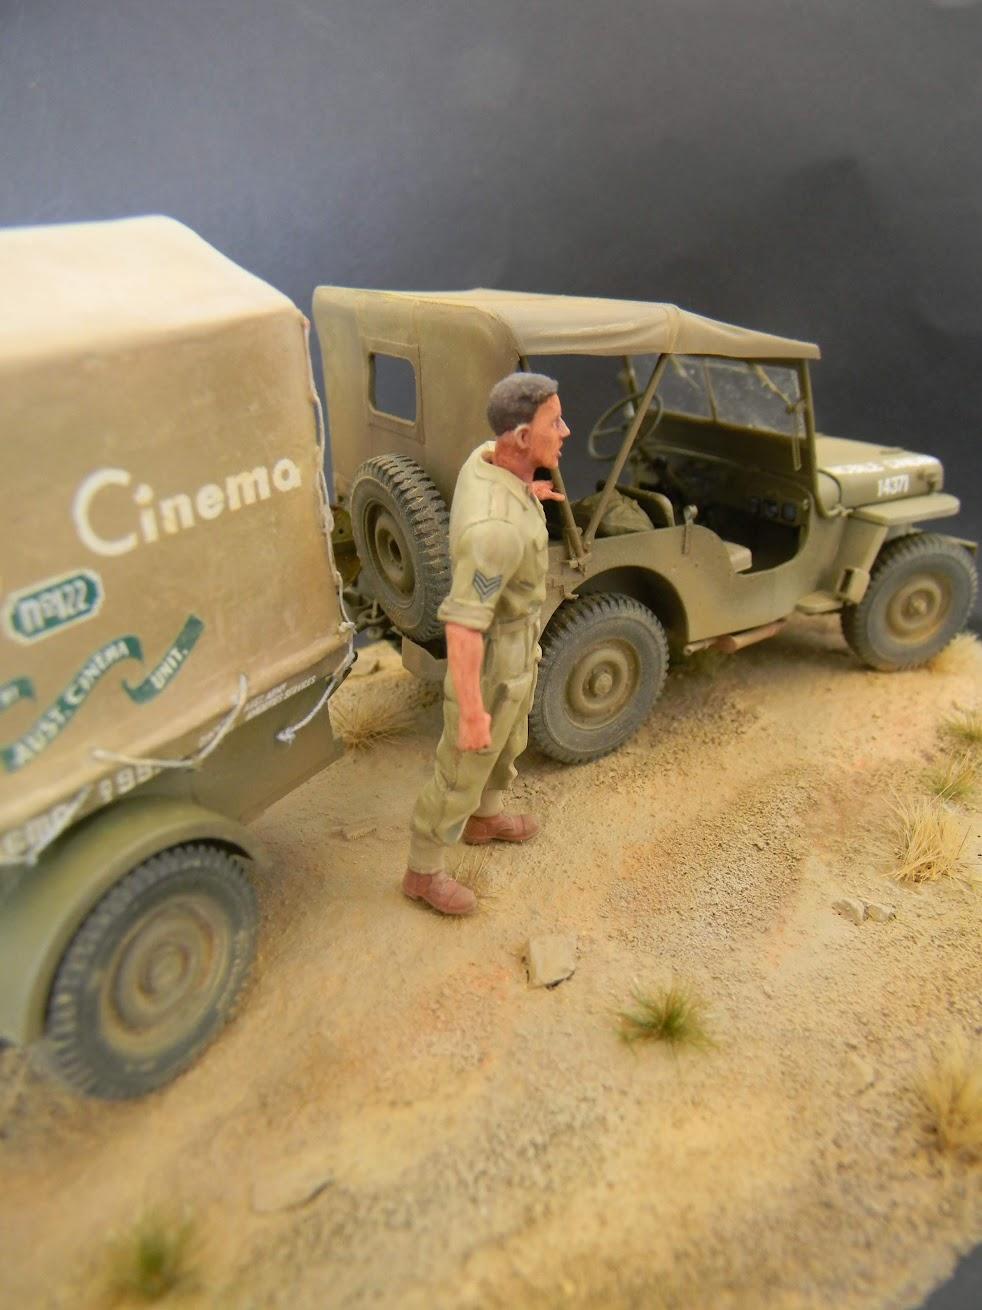 GPW 1942 Ford Bronco Model : revue de détail et montage - Page 6 MxpWQvuJQZao15A4COsSR2Zs5Q4Oid4S4ffbretHfEvdu0sp6B6L9HC5mvdN67COwLR1vqPjLR8-IPEy60_2S8qypG0ZPXVolNEgWJsgJKTNmMX-qtOjyKojxucPobxI1WYqwlEsdiHbuWfl8VFpHA1qXp-96rP1XnAZ3BtwvyAO1X4hiXmq9RK1KRznaGTn969nXbZjfFRZMccKSsZYGmFrOHg9pSPQs_UT_jw9k9eh_YIJjUtc1_WndIY9FF2OBCU7e1puOGpmb8lRS97CPc4HvB8N2Upv3br58mjhOsG3mp9qESSPRuQ4X2Pv8ikj3ZaMtFkjh4s3mgaqR7cv0Mvnb7iH8hsv3b-vlT83rXbX3uO6H7FwdmFUovfSQatsIJH98_LbF3OneI0jReIKrBzMwwjDJLrsjn1e9-pPdLFHbaOFf2aWGizeMq3stz-F72bt_yfZFUIcyi3kUSDaEuX0gvBRoZlN9Clx5En5JTDbDJPXg1CGljJqVsmSHaERgUIOxKJwpZJlcyVXN4pl-VmD78Z4PlcXmX9w6m5lQ45pIr7ooCKYVRxmD6-N7QhN5DVN65ymEnhGa6vEZiAso_F82kCb3YVn1wv3F0oA542oMpUYMLWCvU_hJKYvJL-FobiH5DMgVkIlGSwcb3Fo9amfOd9PnoP0OfdJTgW8Ub5qYBs_jxe0Q5vC2Z3Lt5dX-_IMehY4Crk5IU30rNAl9HIUbOdd3t9ijLrr12VI2xwxPTK8MvsPkWsG=w983-h1310-no